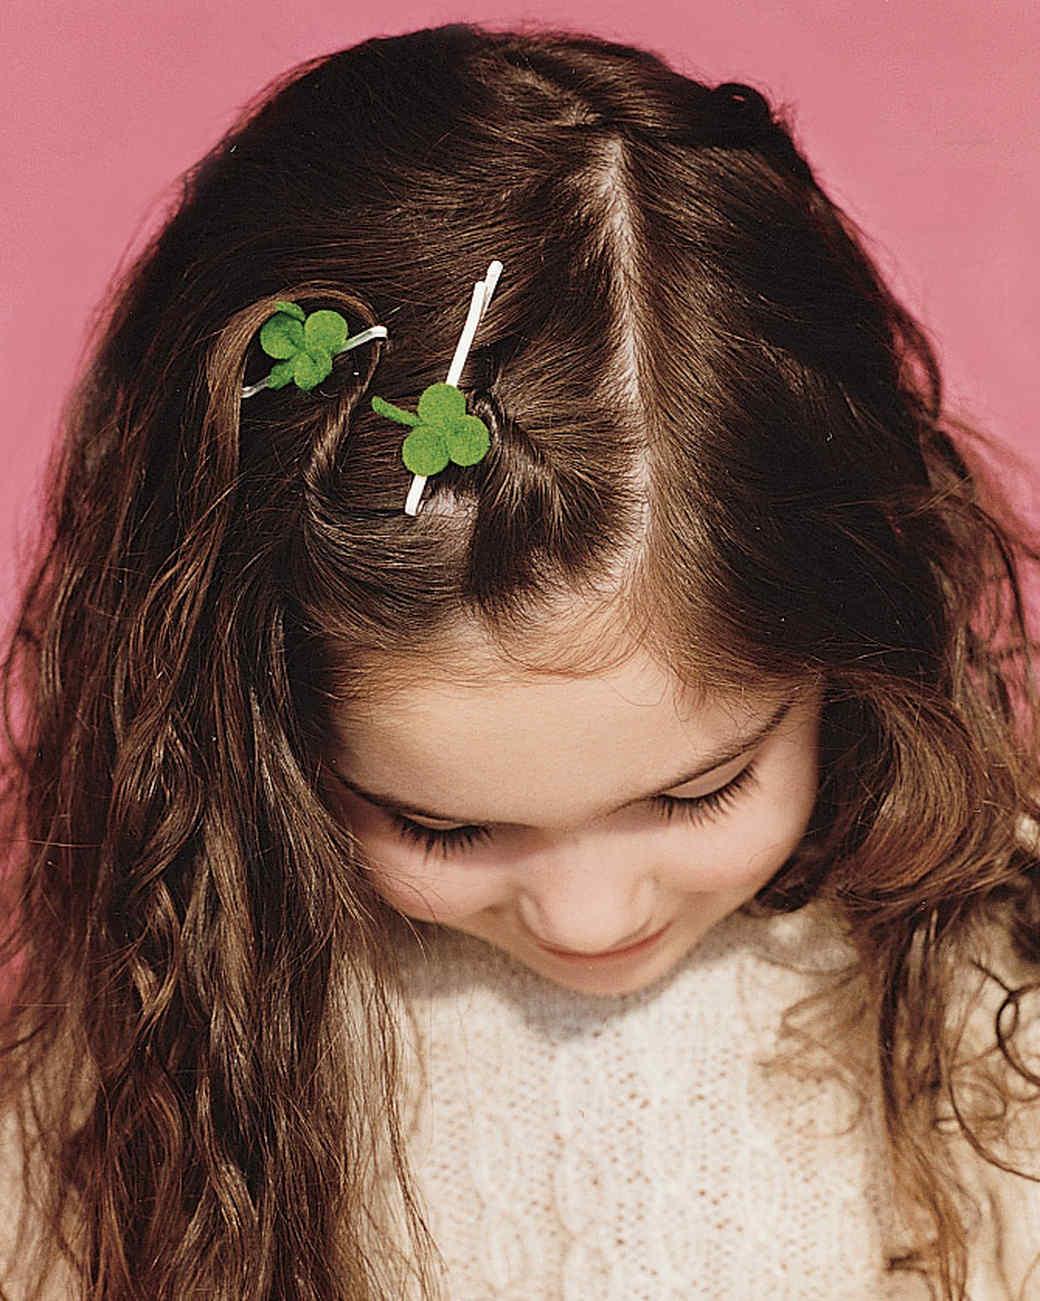 Clover Hair Pin